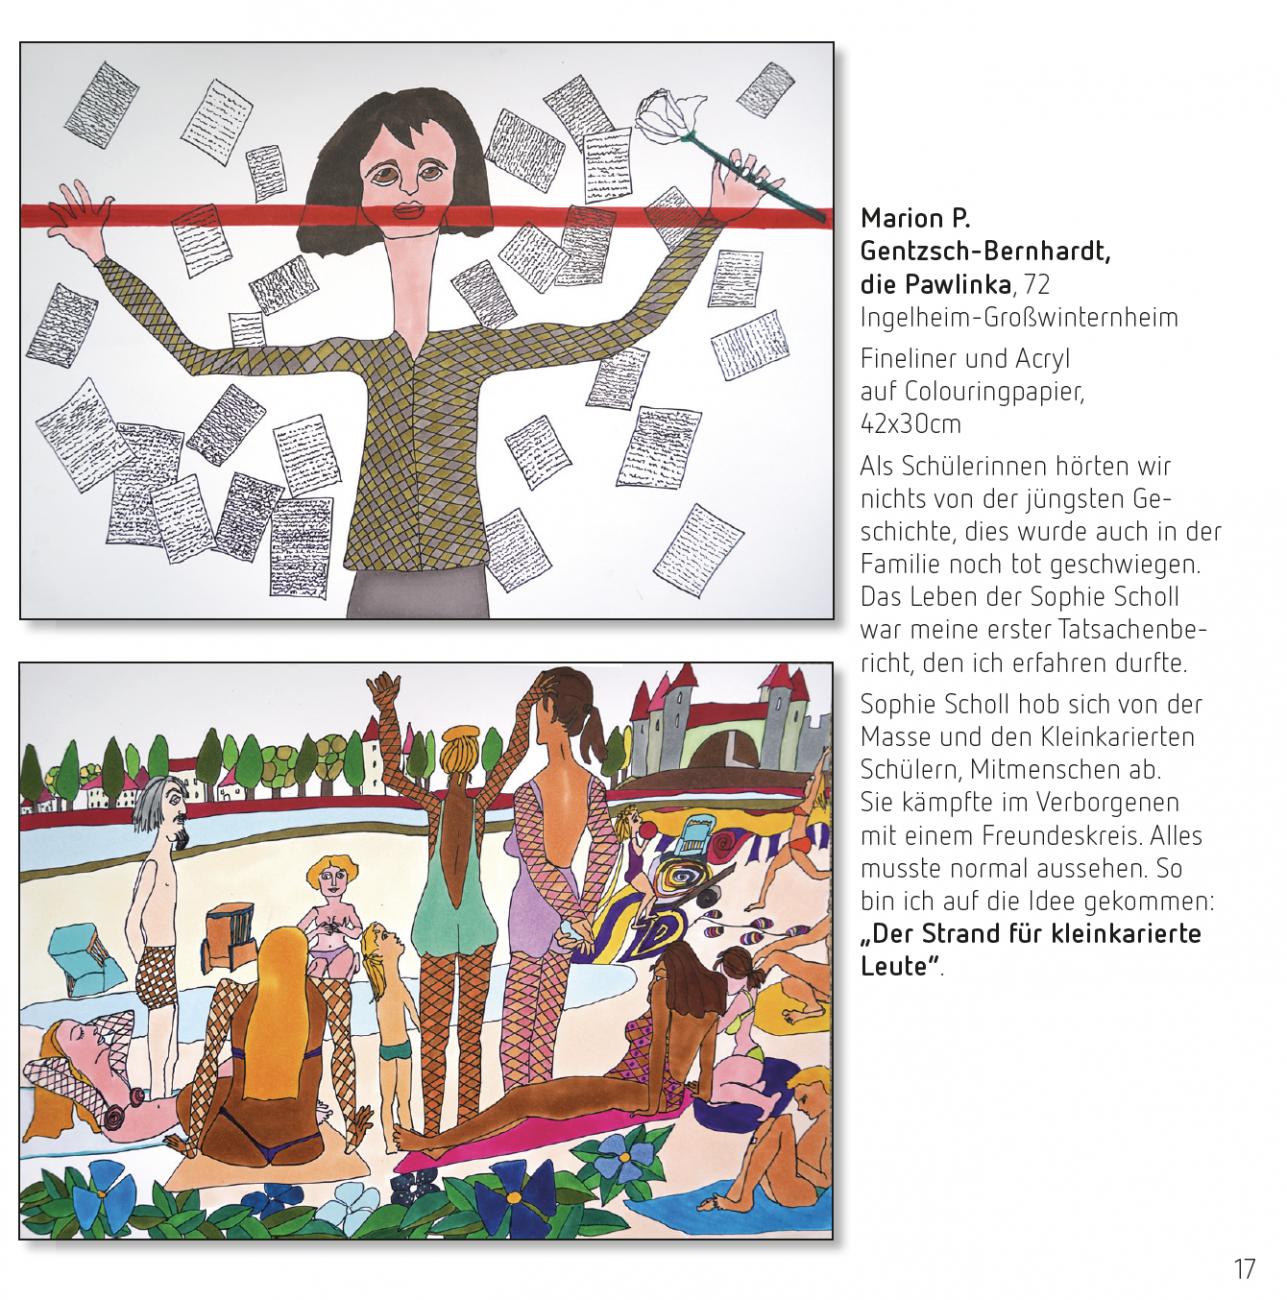 kunstkulturlabor Tobias Boos, Mitmach-Projekt zum 100. Geburtstag von Sophie Scholl Marion P. Gentzsch-Bernhardt